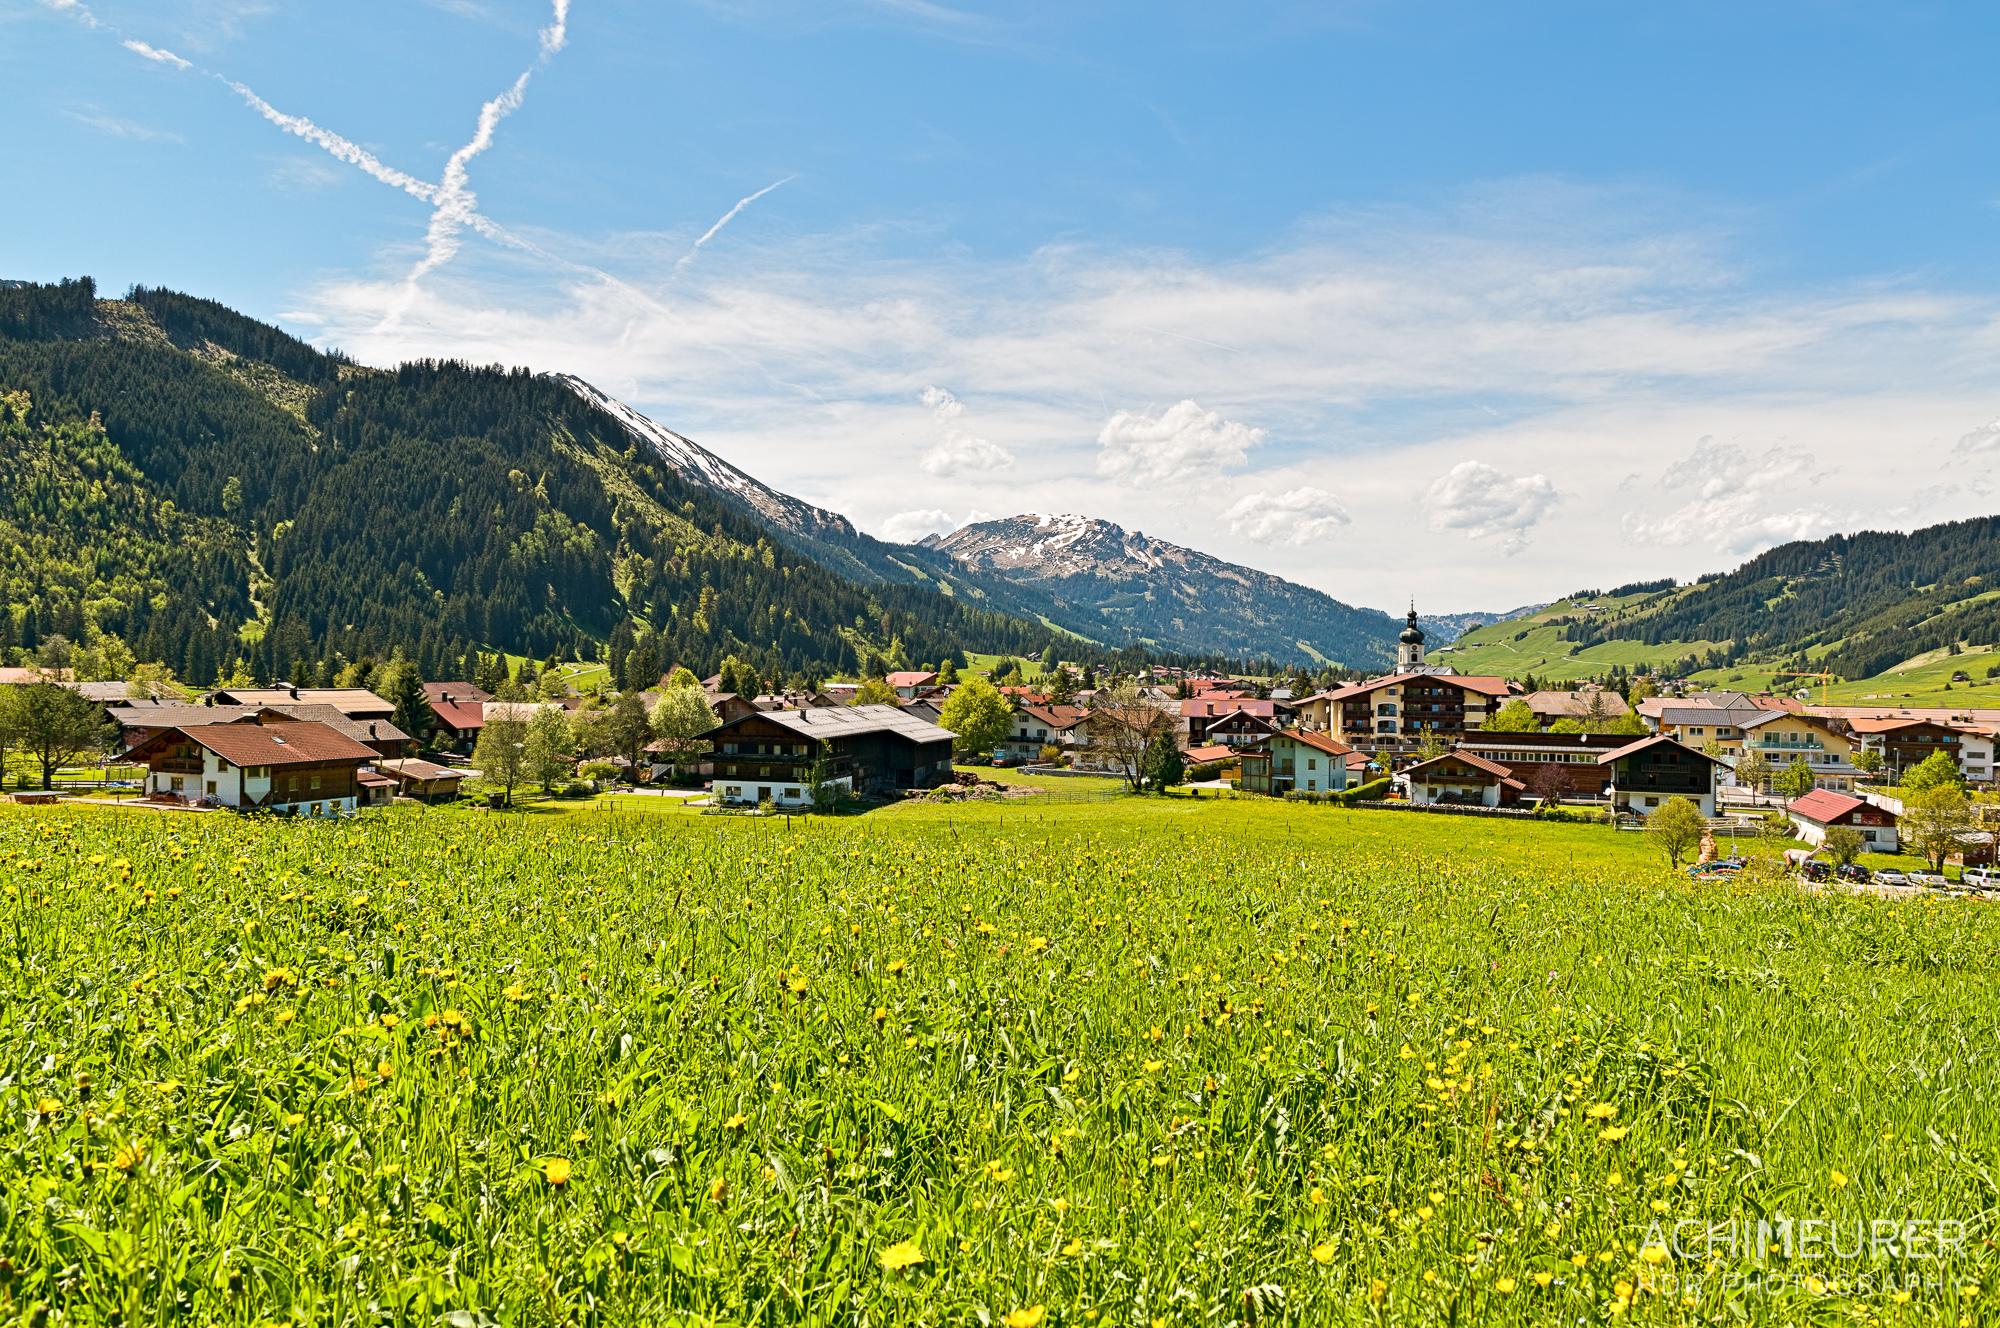 Tannheimer-Tal-Fruehling-Landschaft-Wiese-Blumen_1959_8_7_HDR